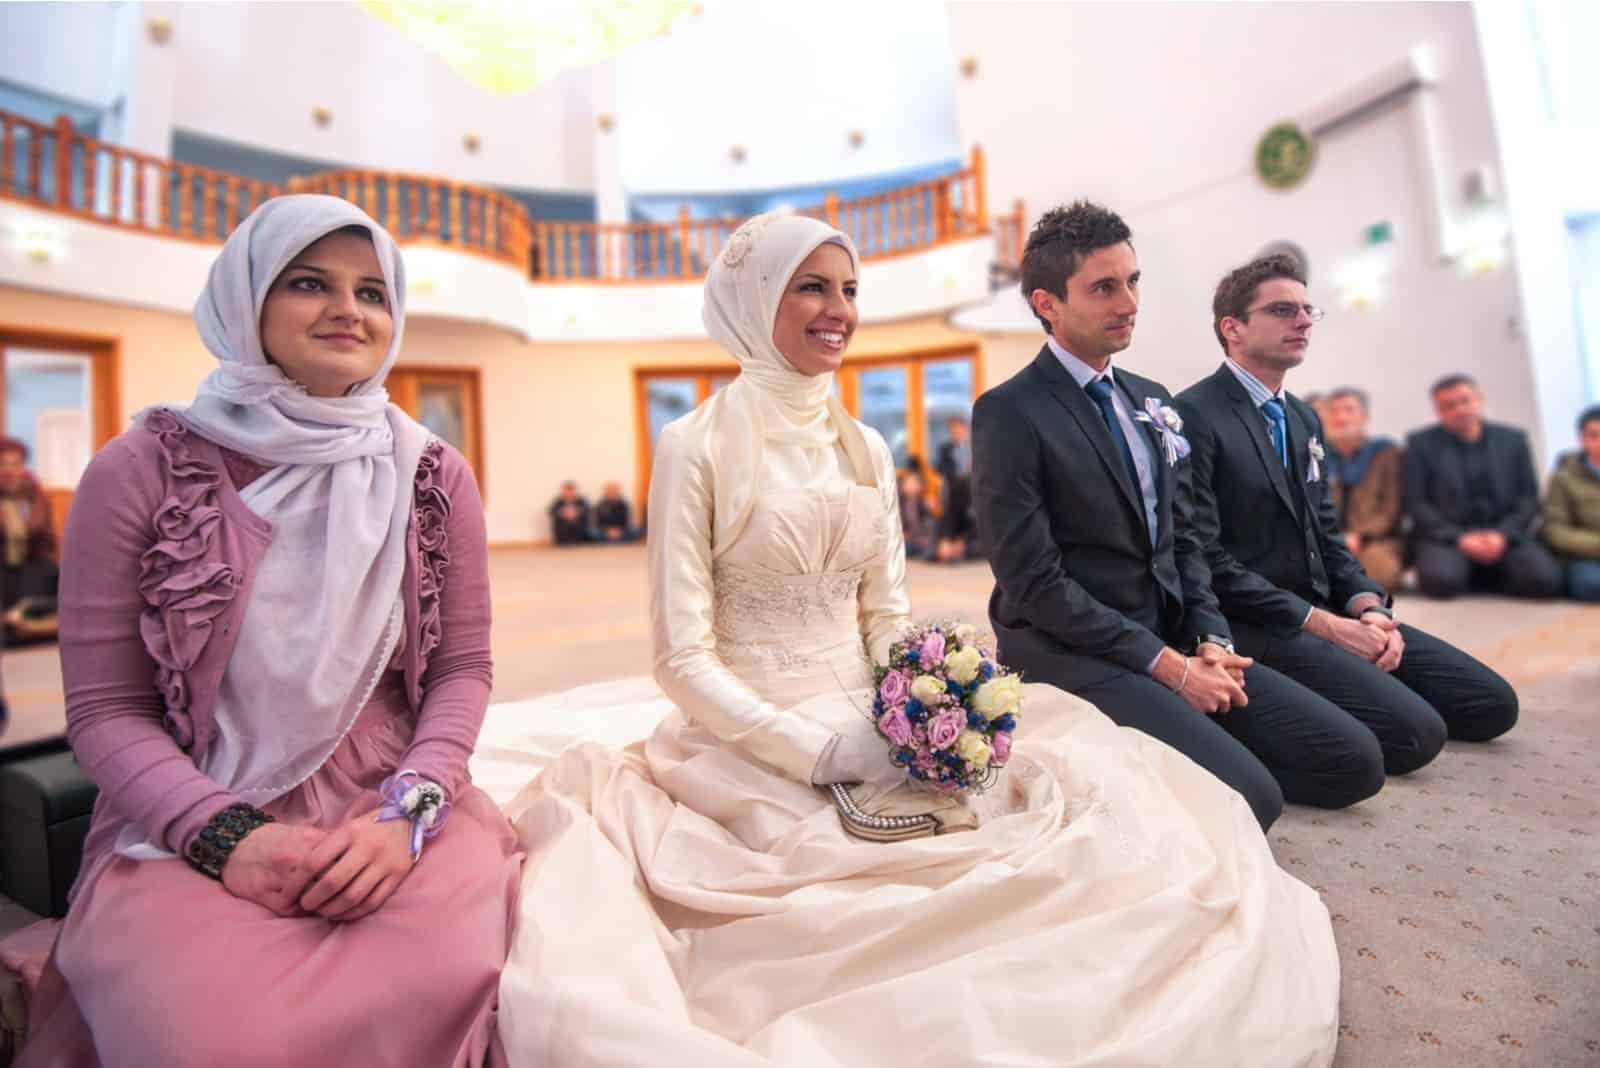 eine religiöse Hochzeit in einer Moschee